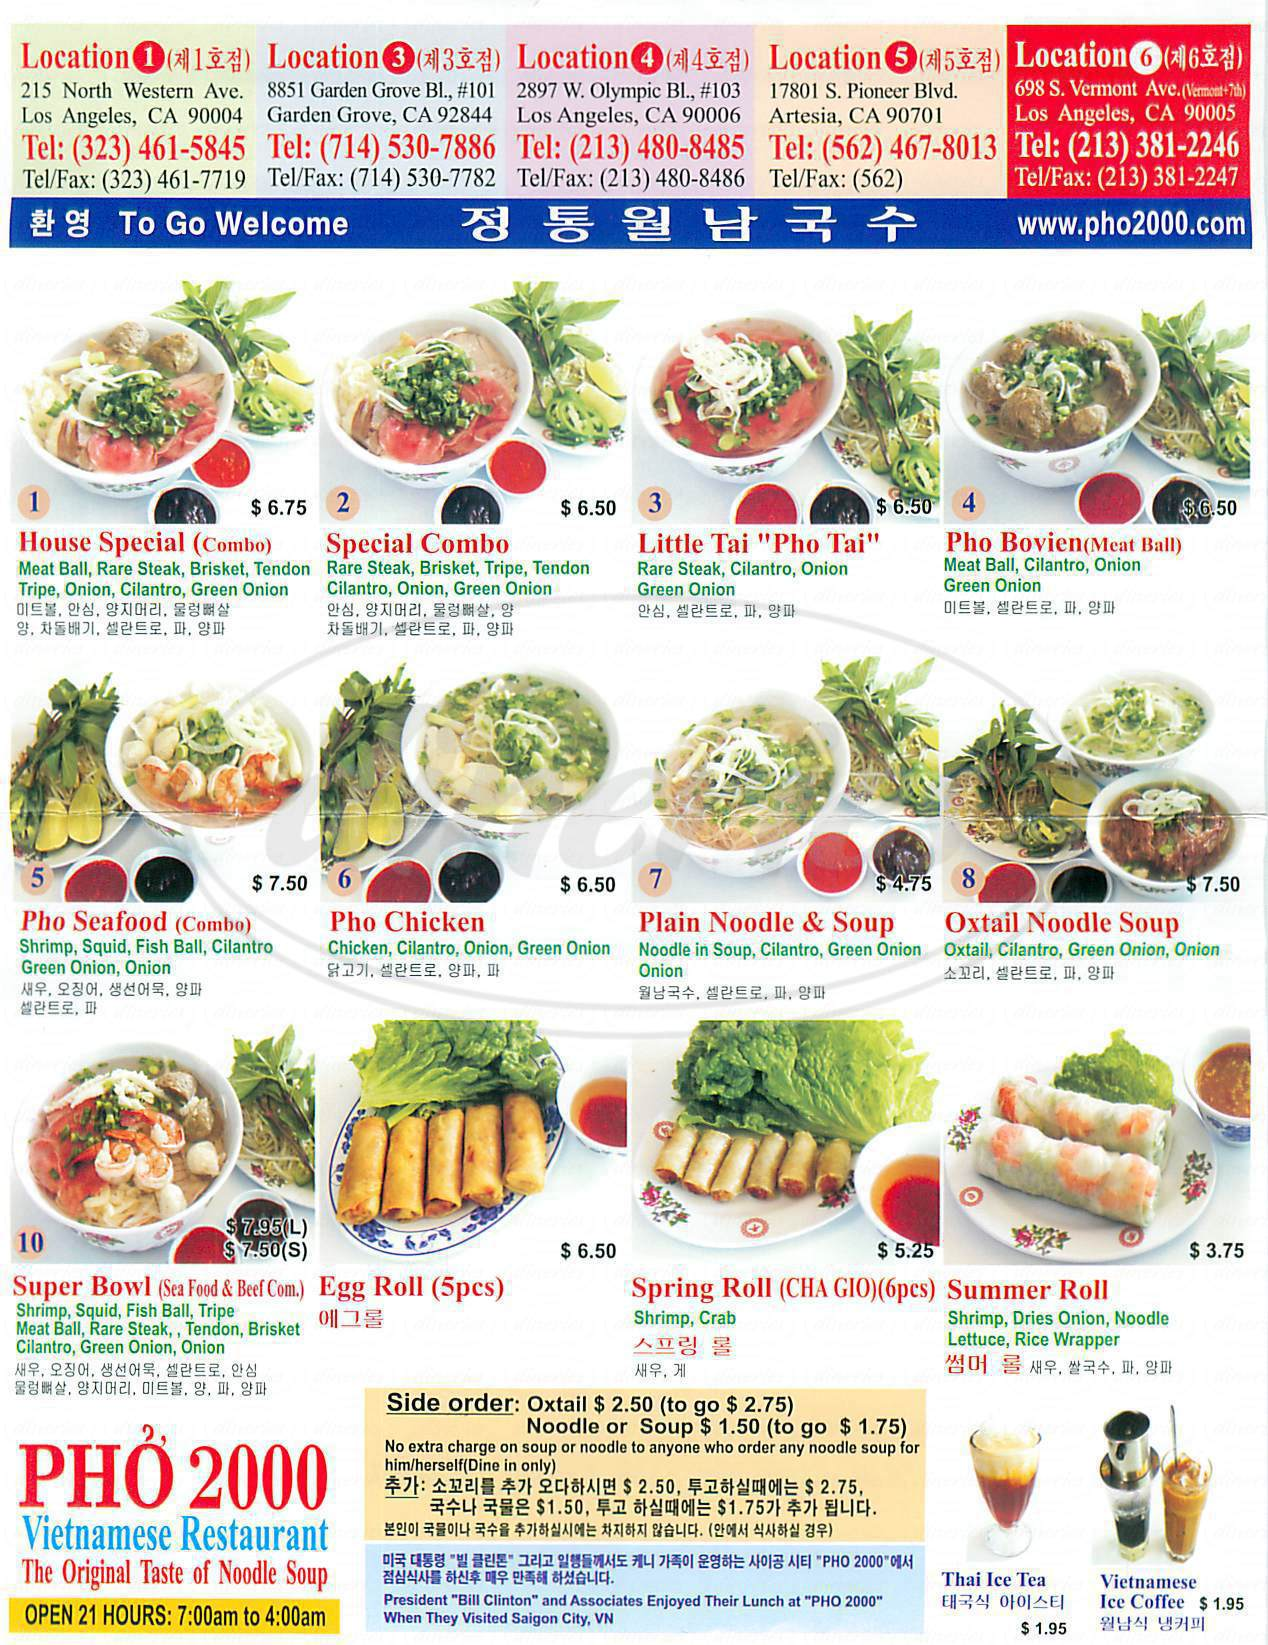 menu for Pho 2000 Restaurant